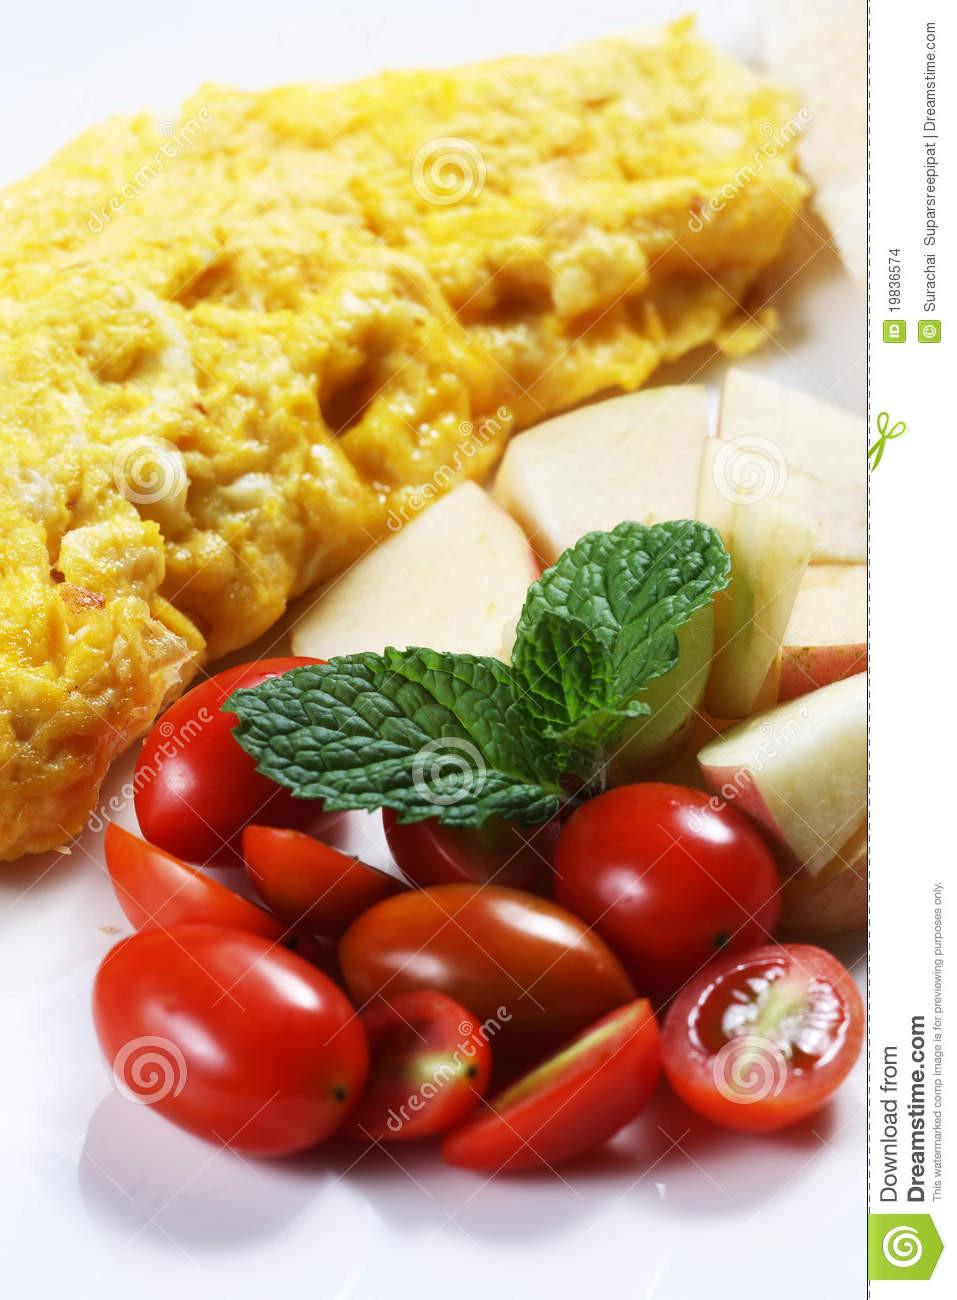 Healthy Low Cholesterol Breakfast  Healthy Low fat Breakfast 01 Stock Image